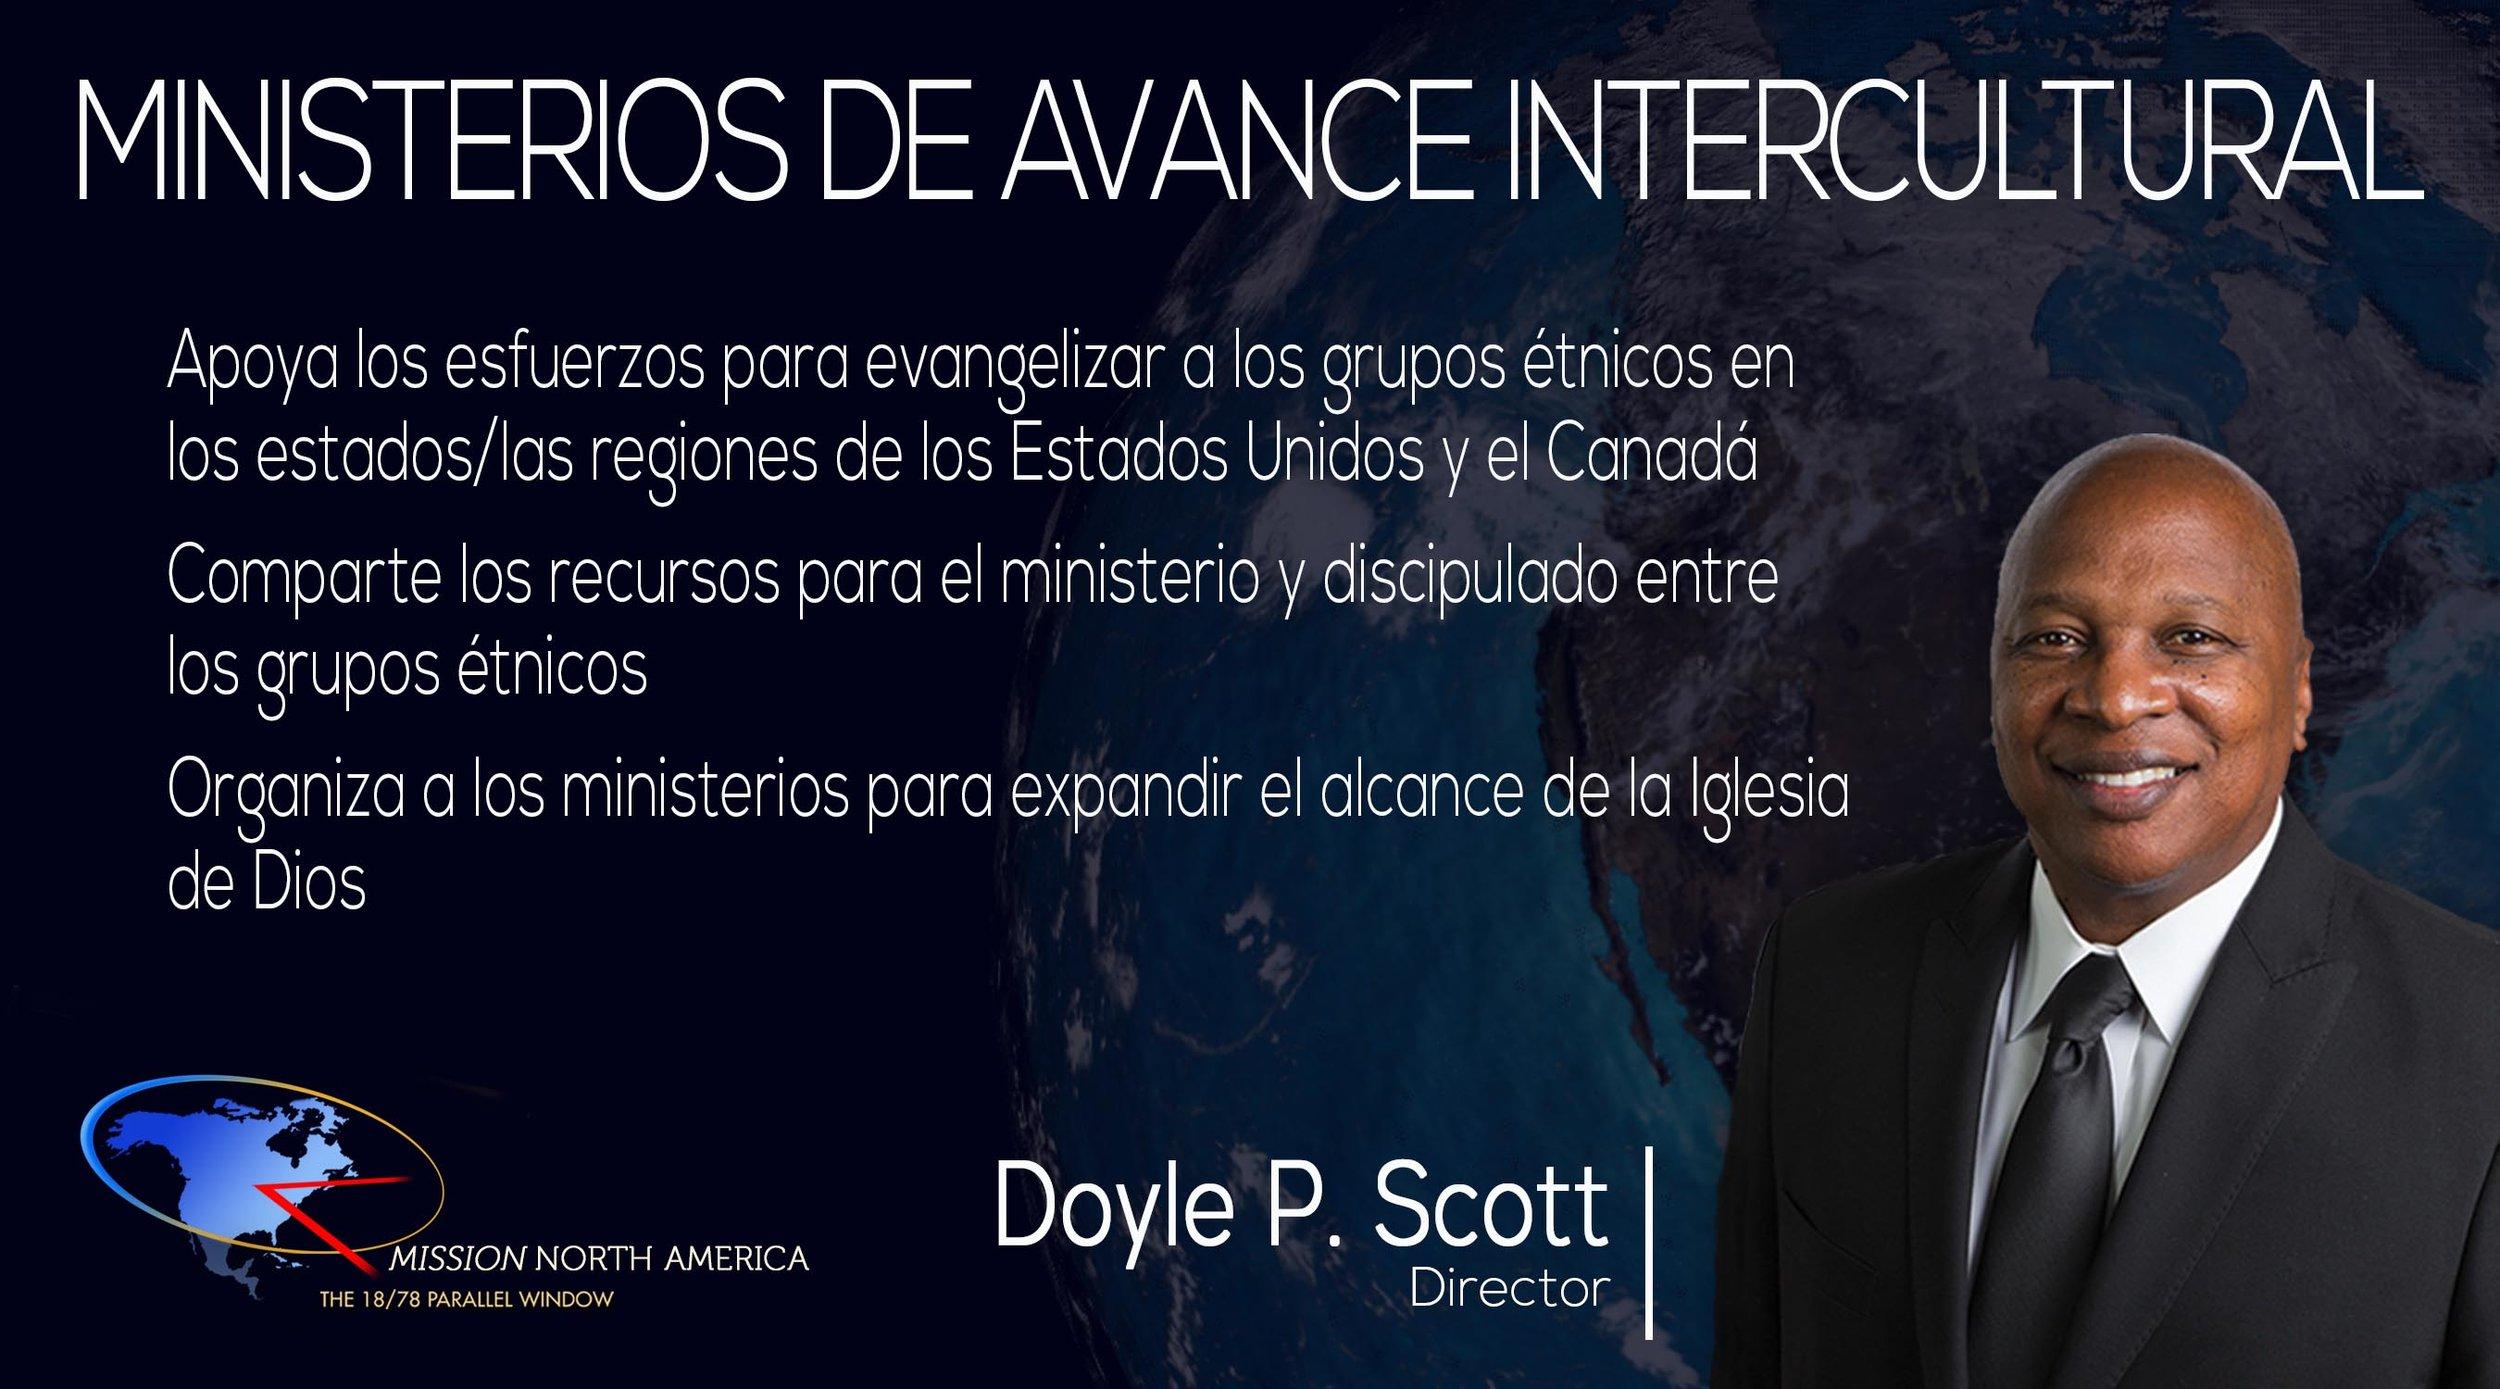 Leadership SLIDEs_Spanish_IAM.jpg